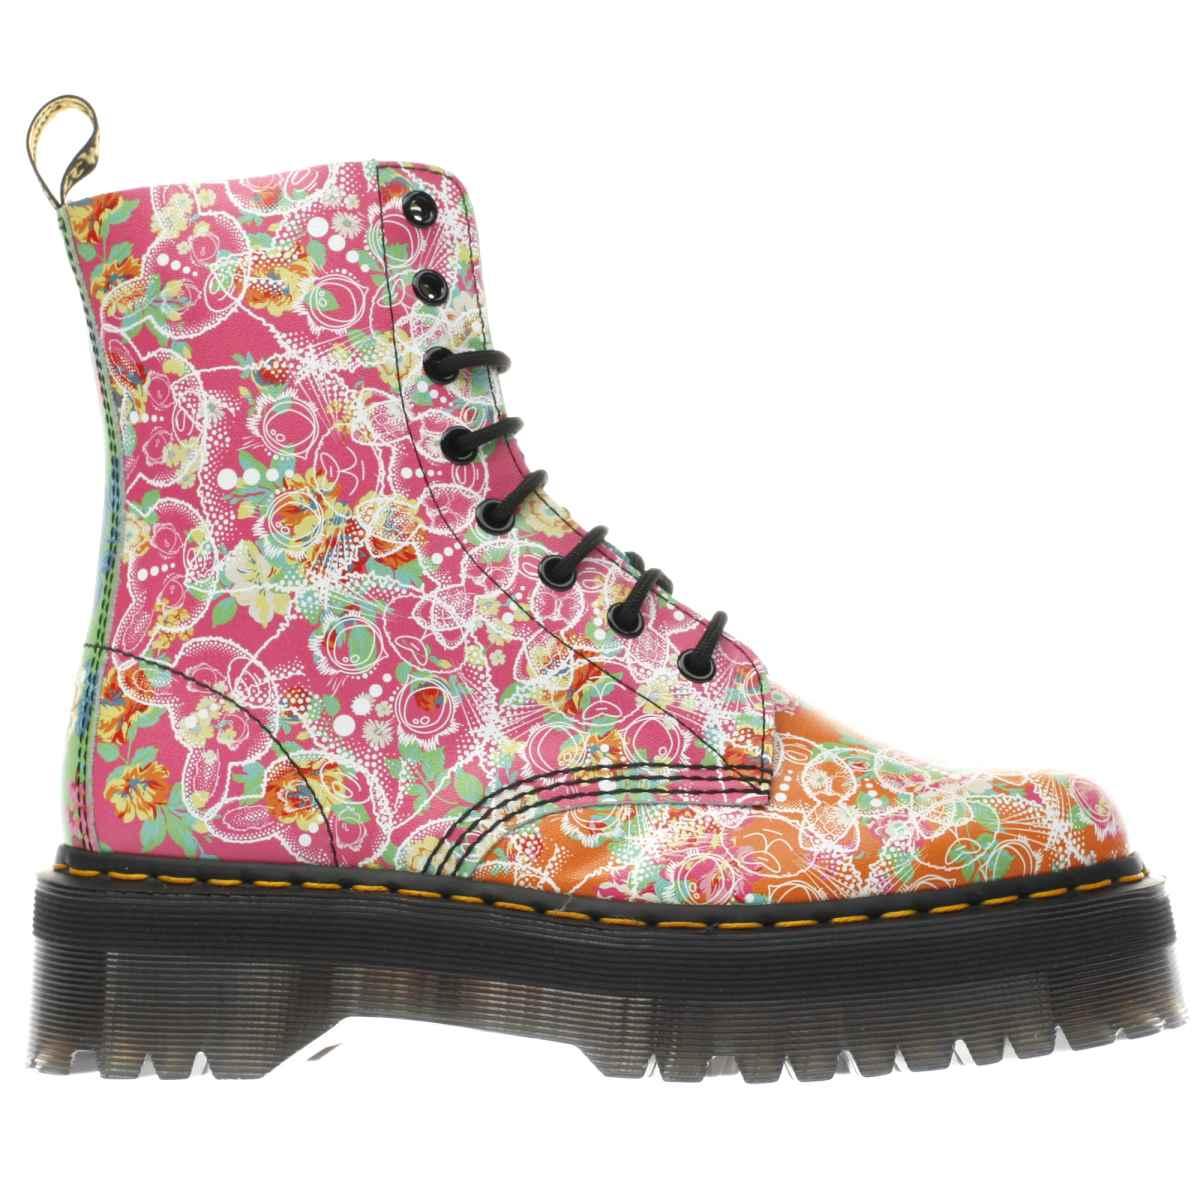 dr martens orange & pink jadon daze 8 eye boots